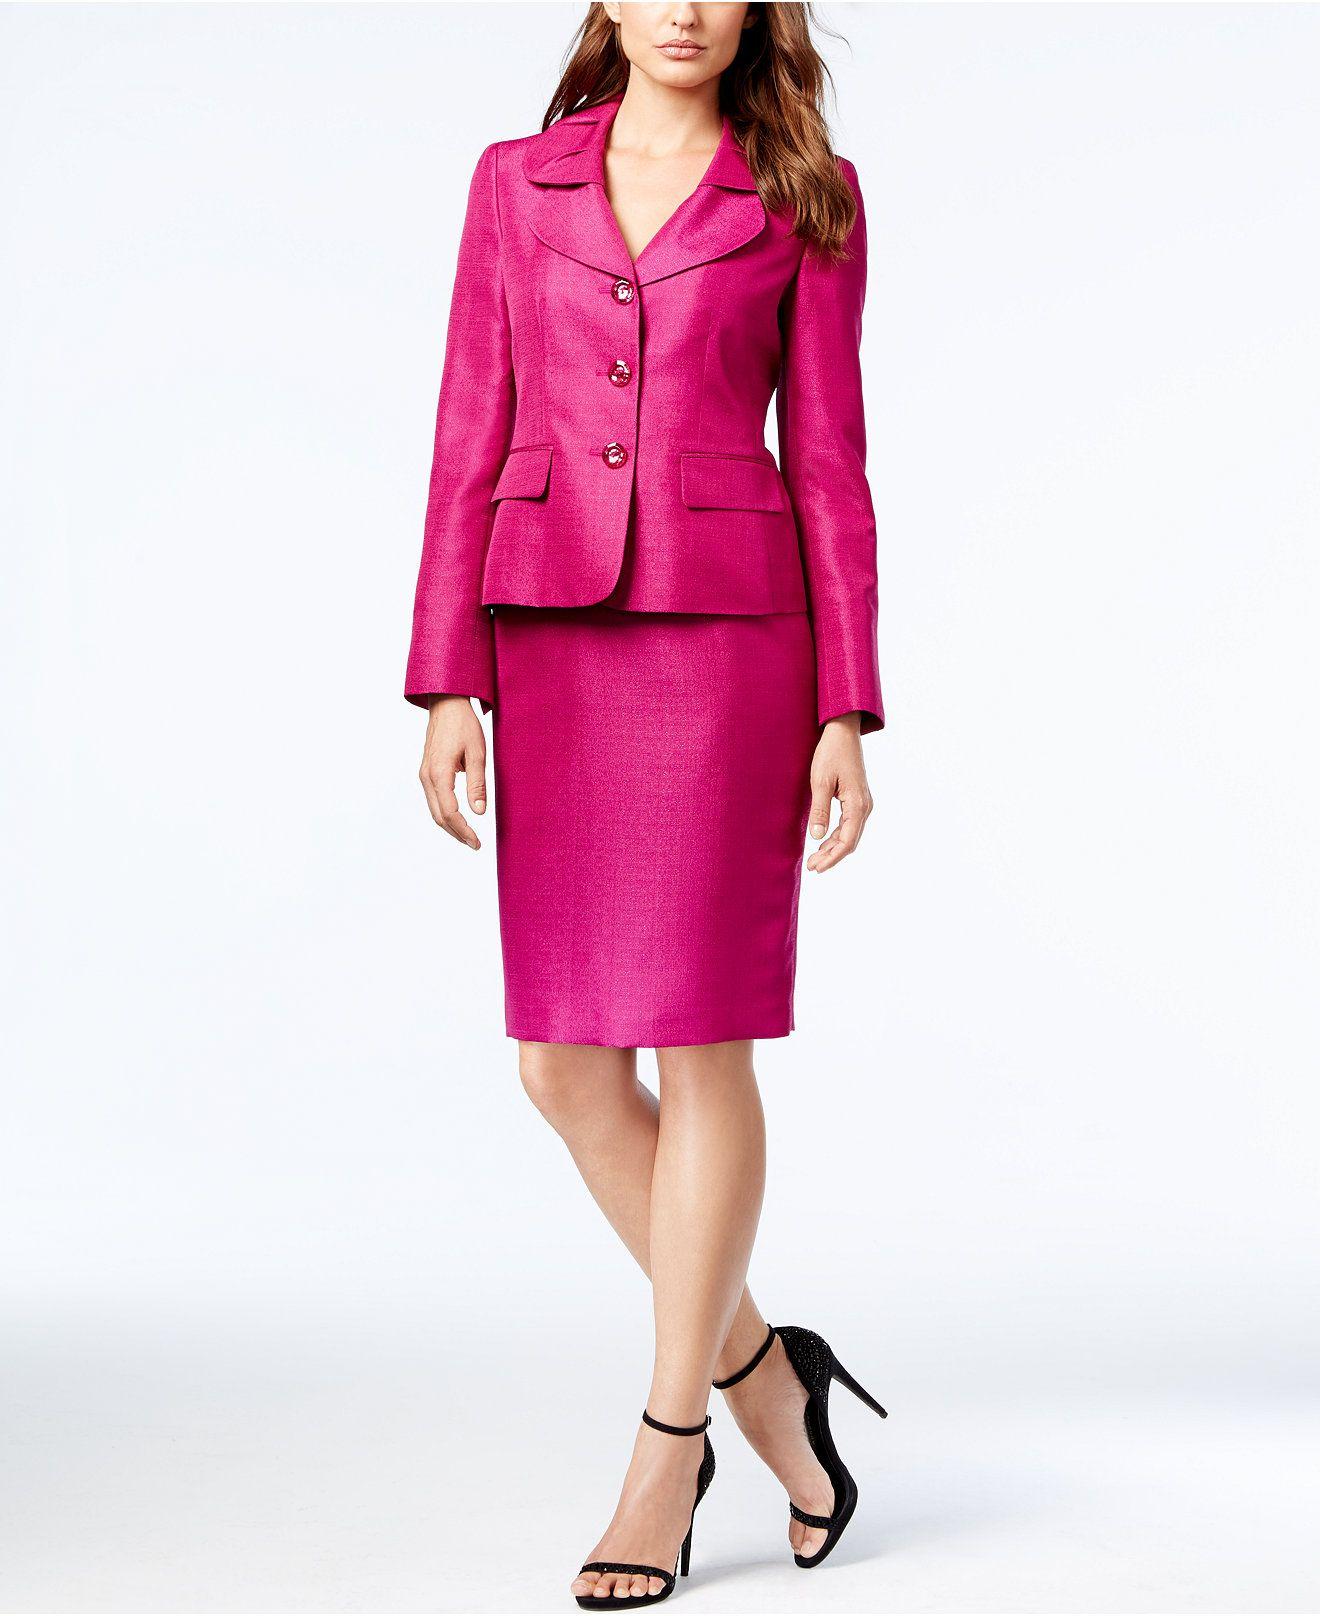 Le Suit Womens Suit-Skirt Set